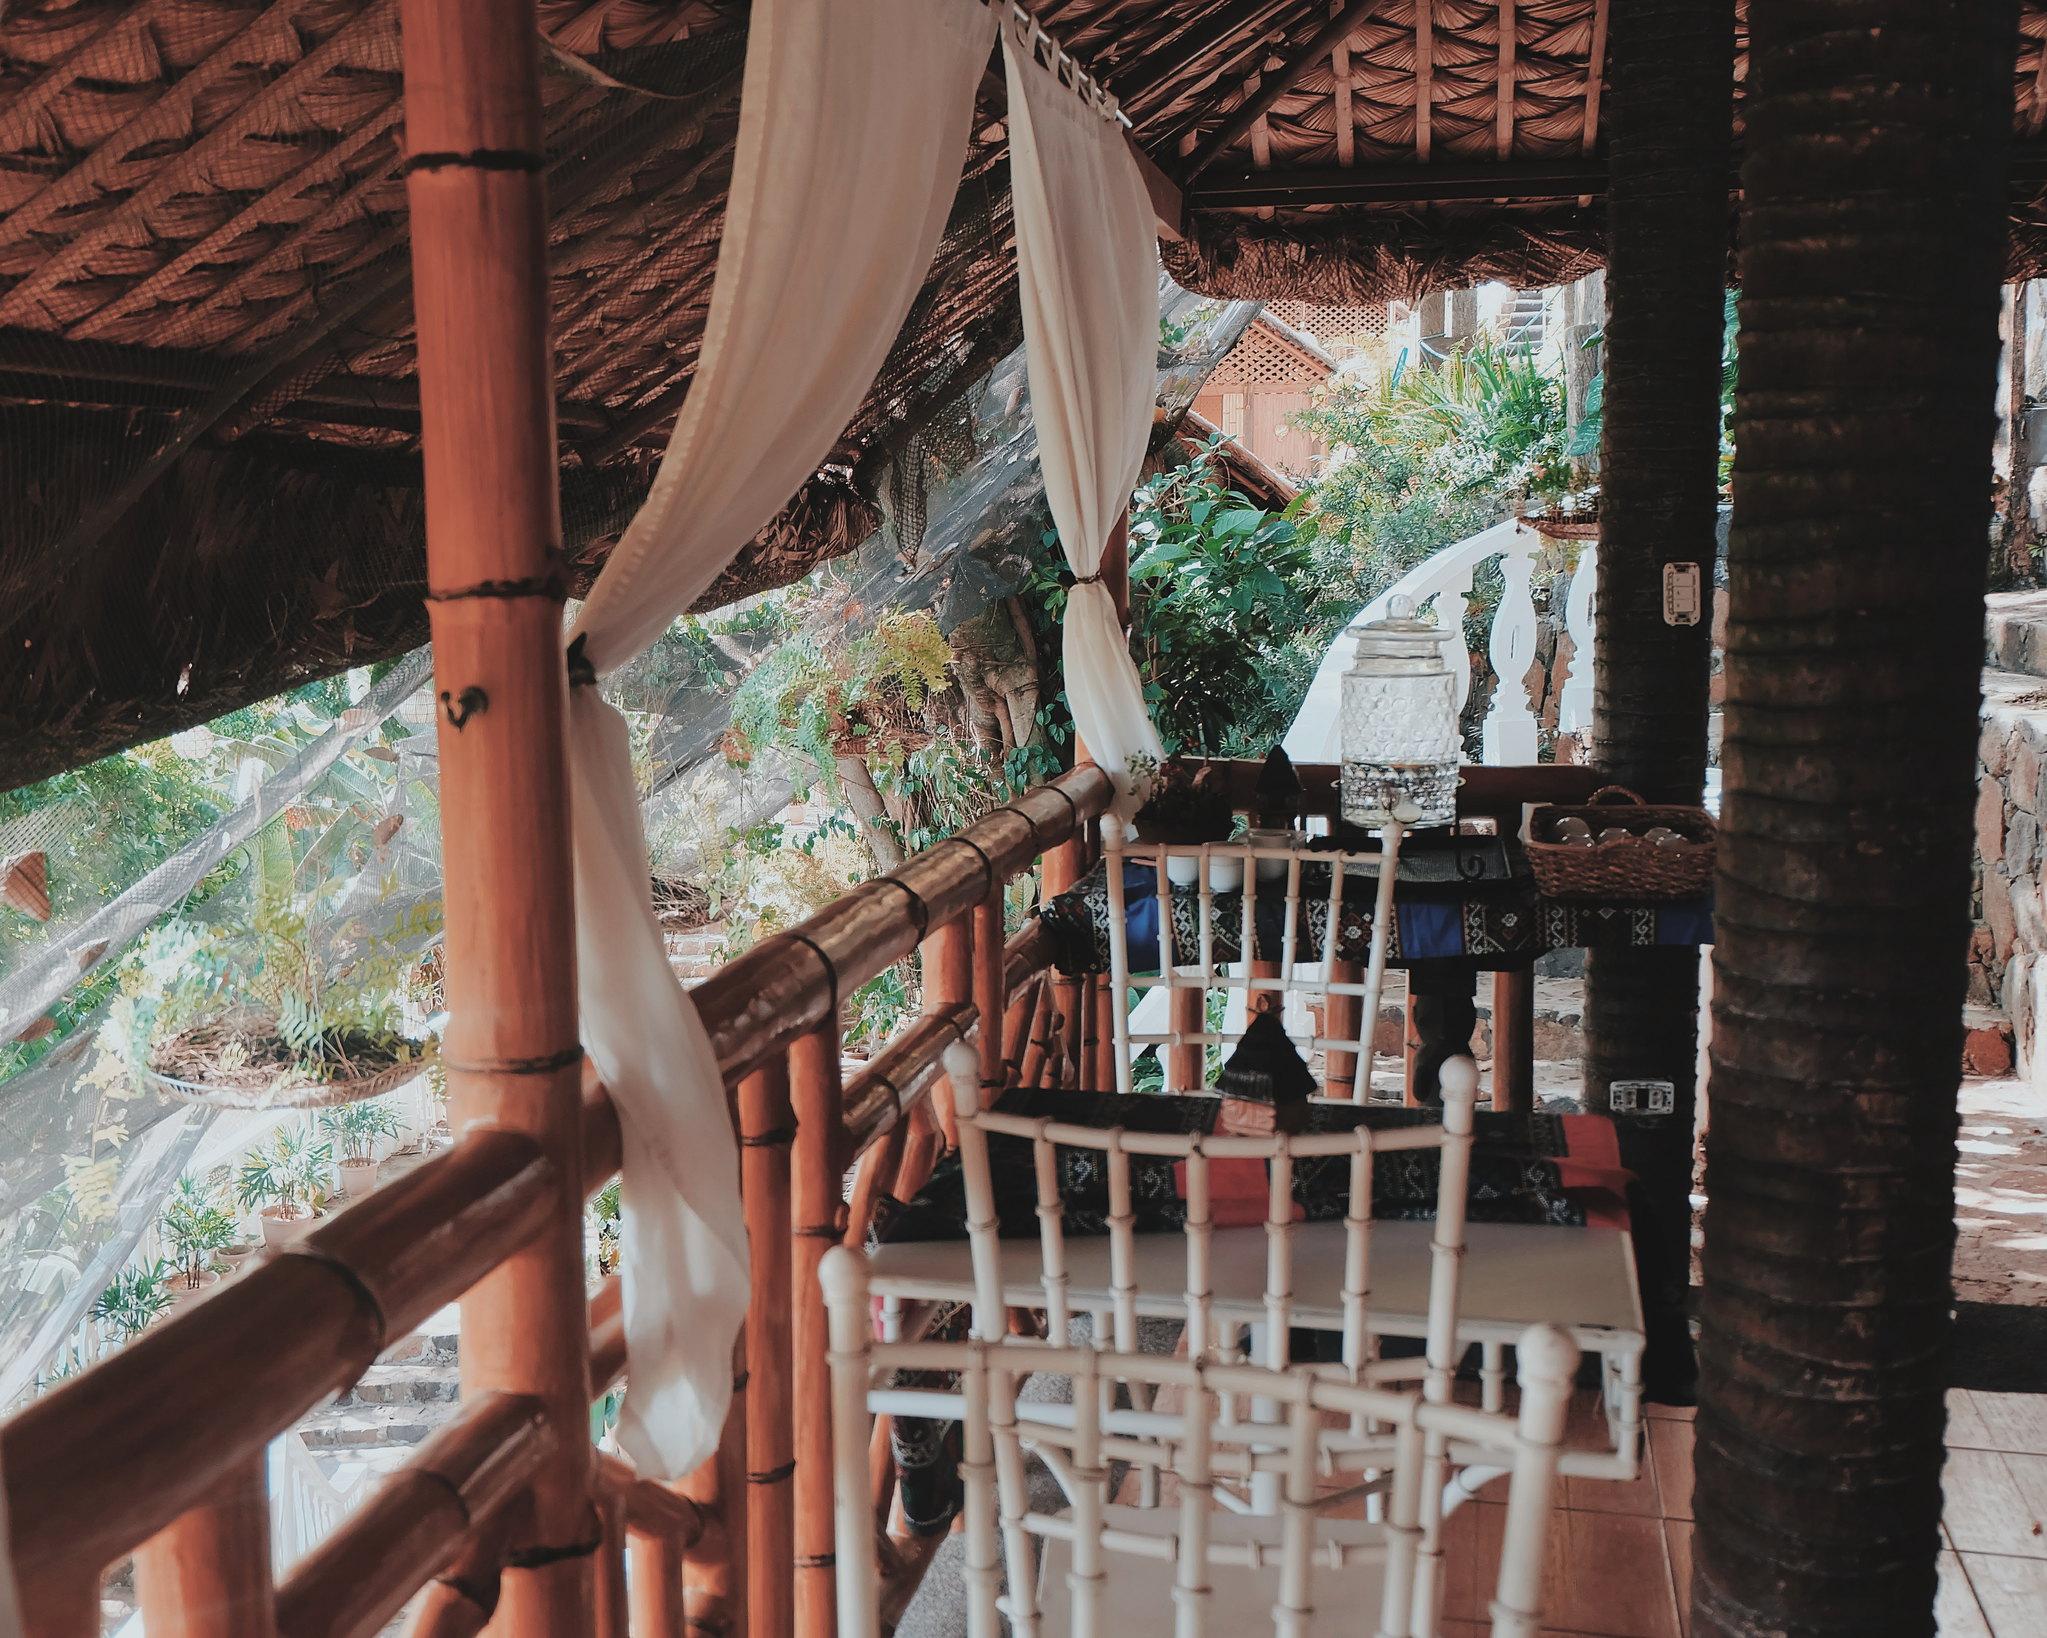 luljetta's hanging garden overnight